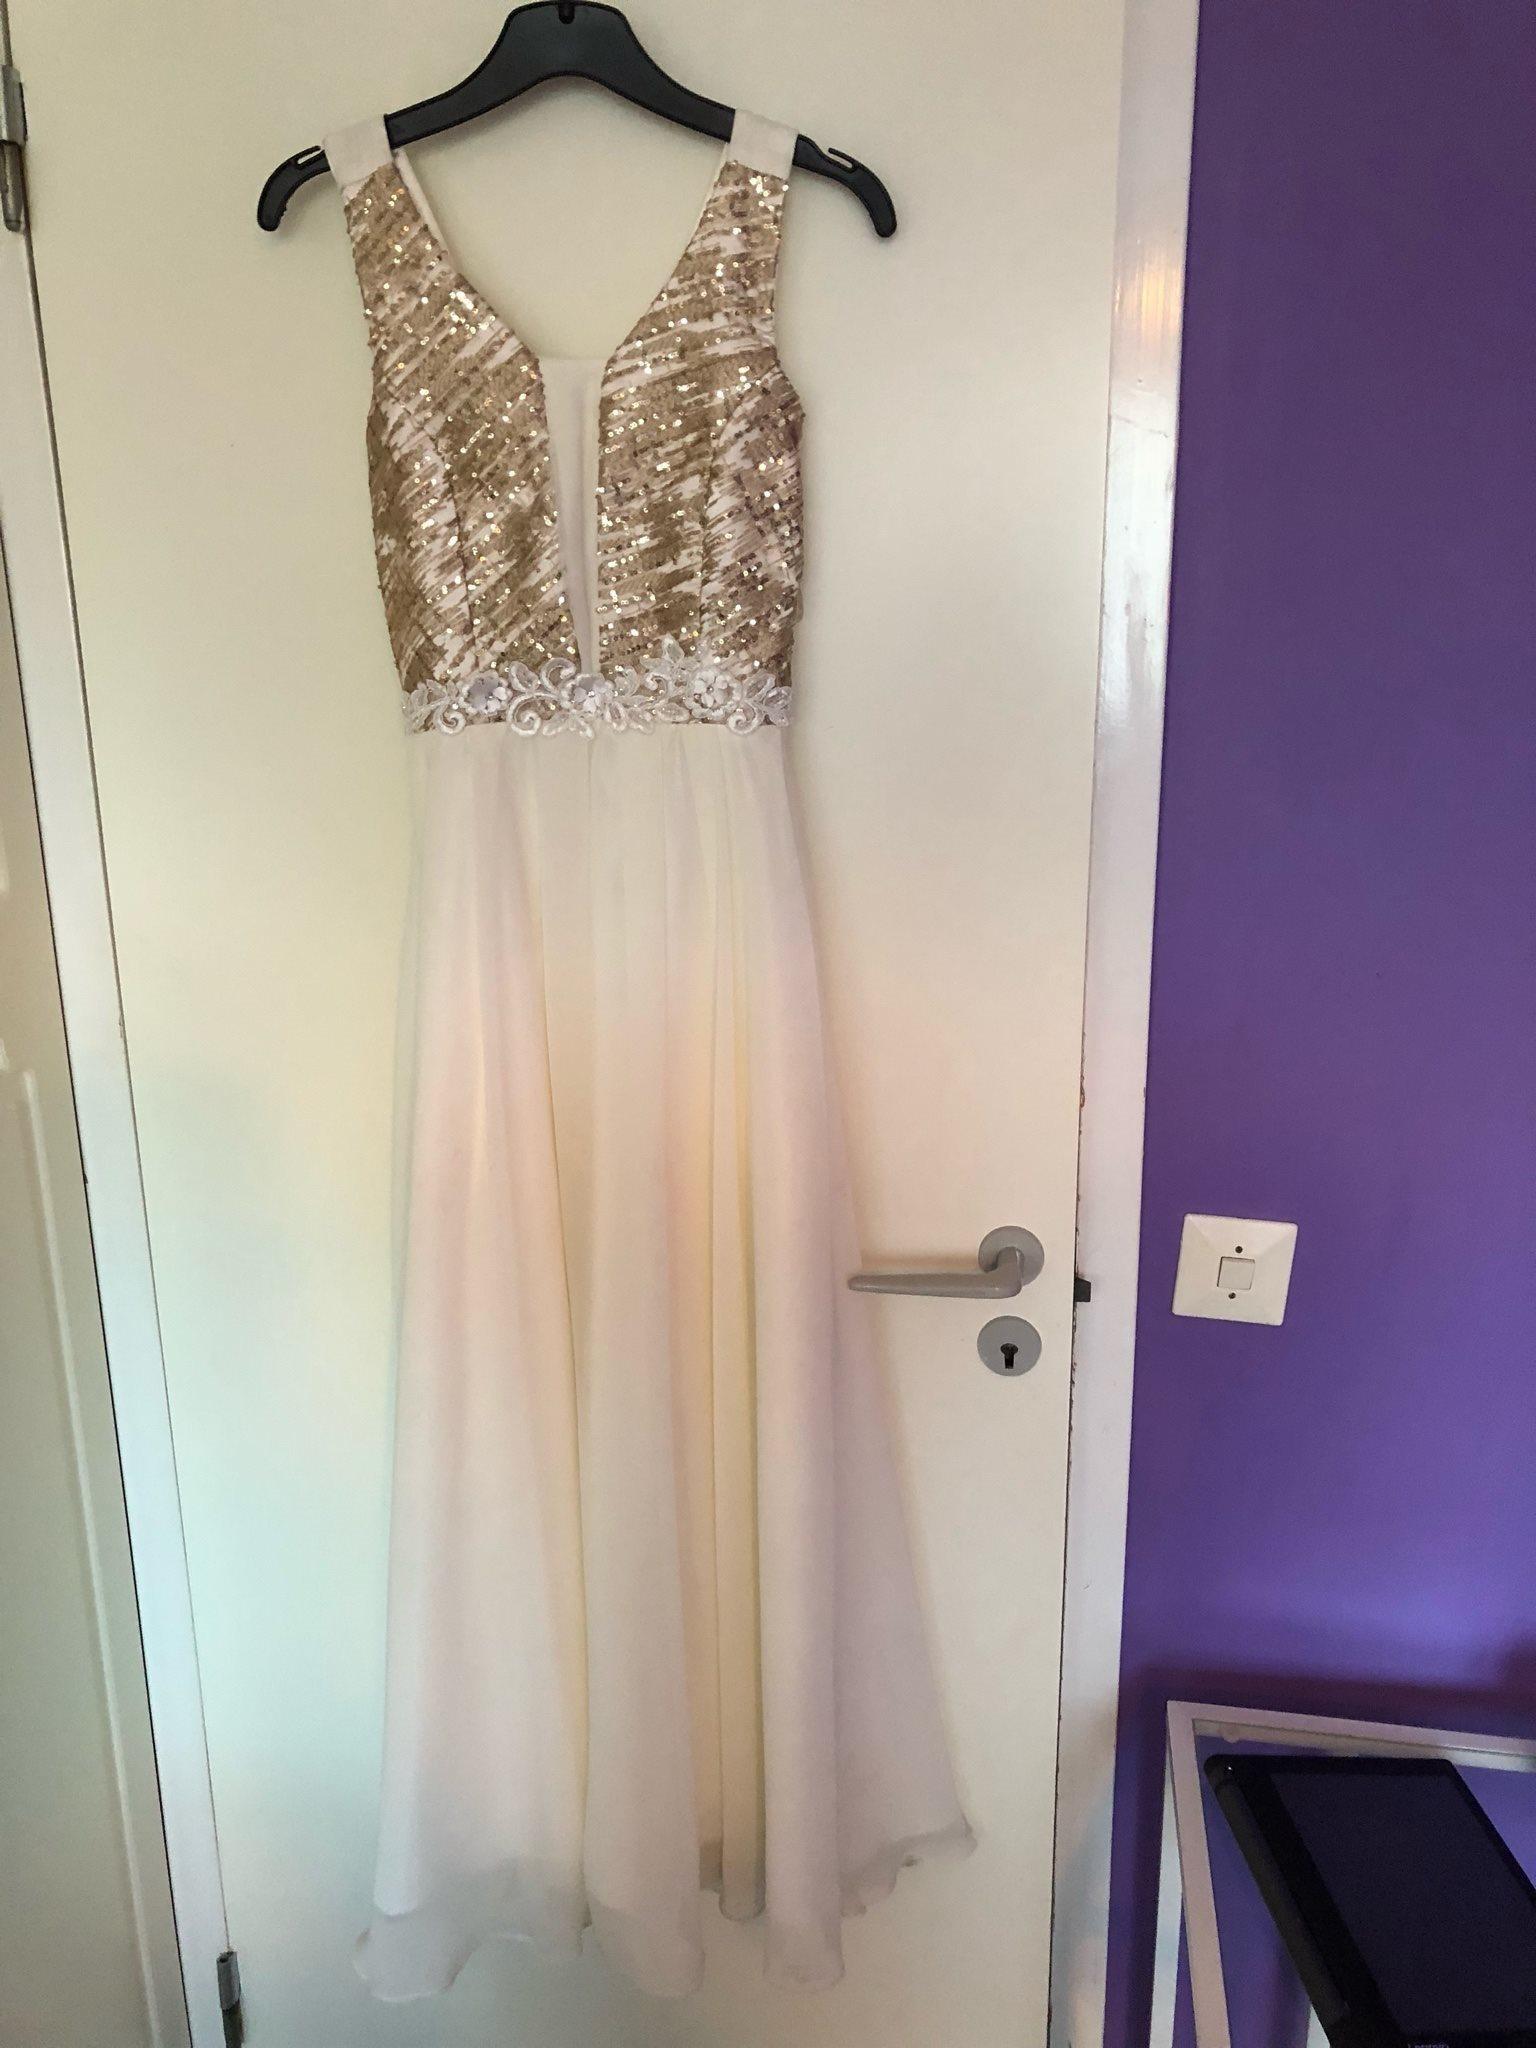 Vitt i glitter klänning (339064649) ᐈ Köp på Tradera 85ec0eac3c7dc